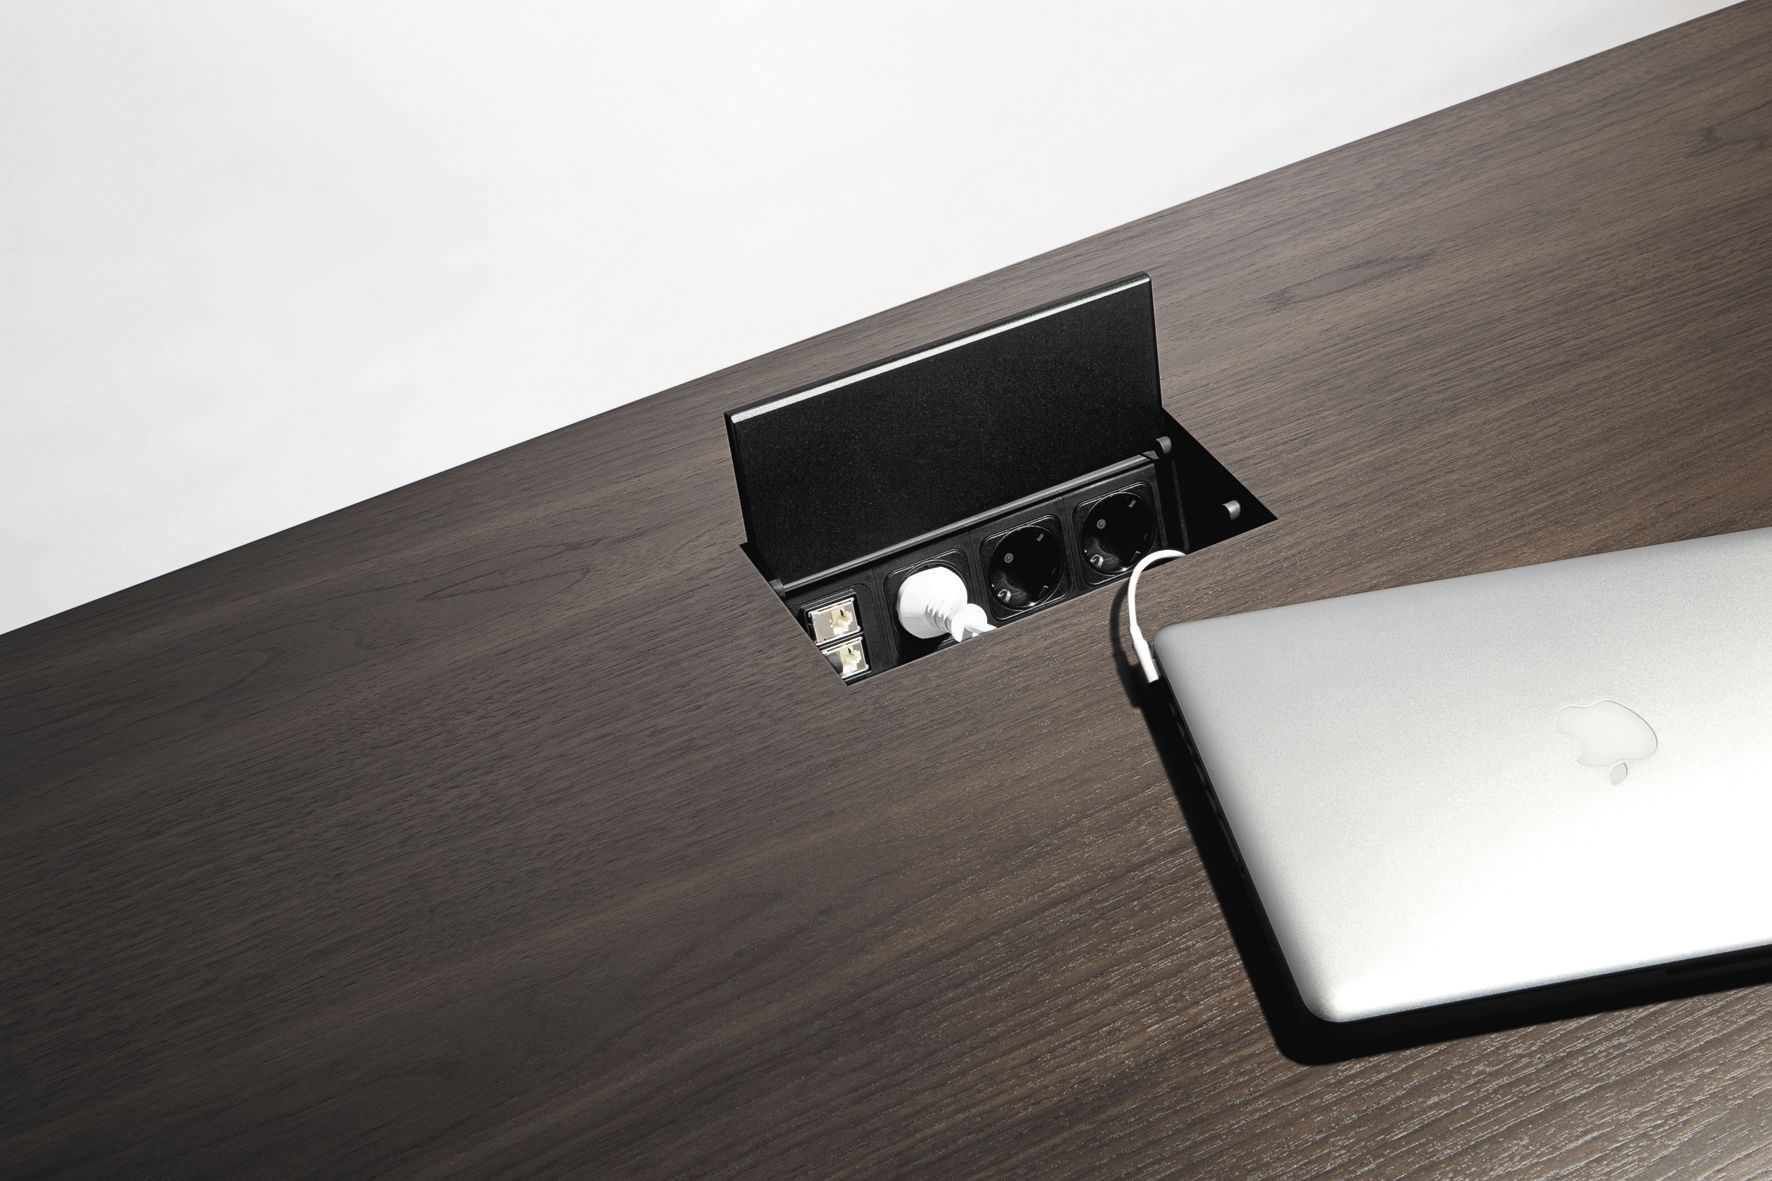 Besprechungstisch Modern Aluminium Integrierter Steckdose Star By Jehs Laub Renz Tisch Steckdosen Besprechung